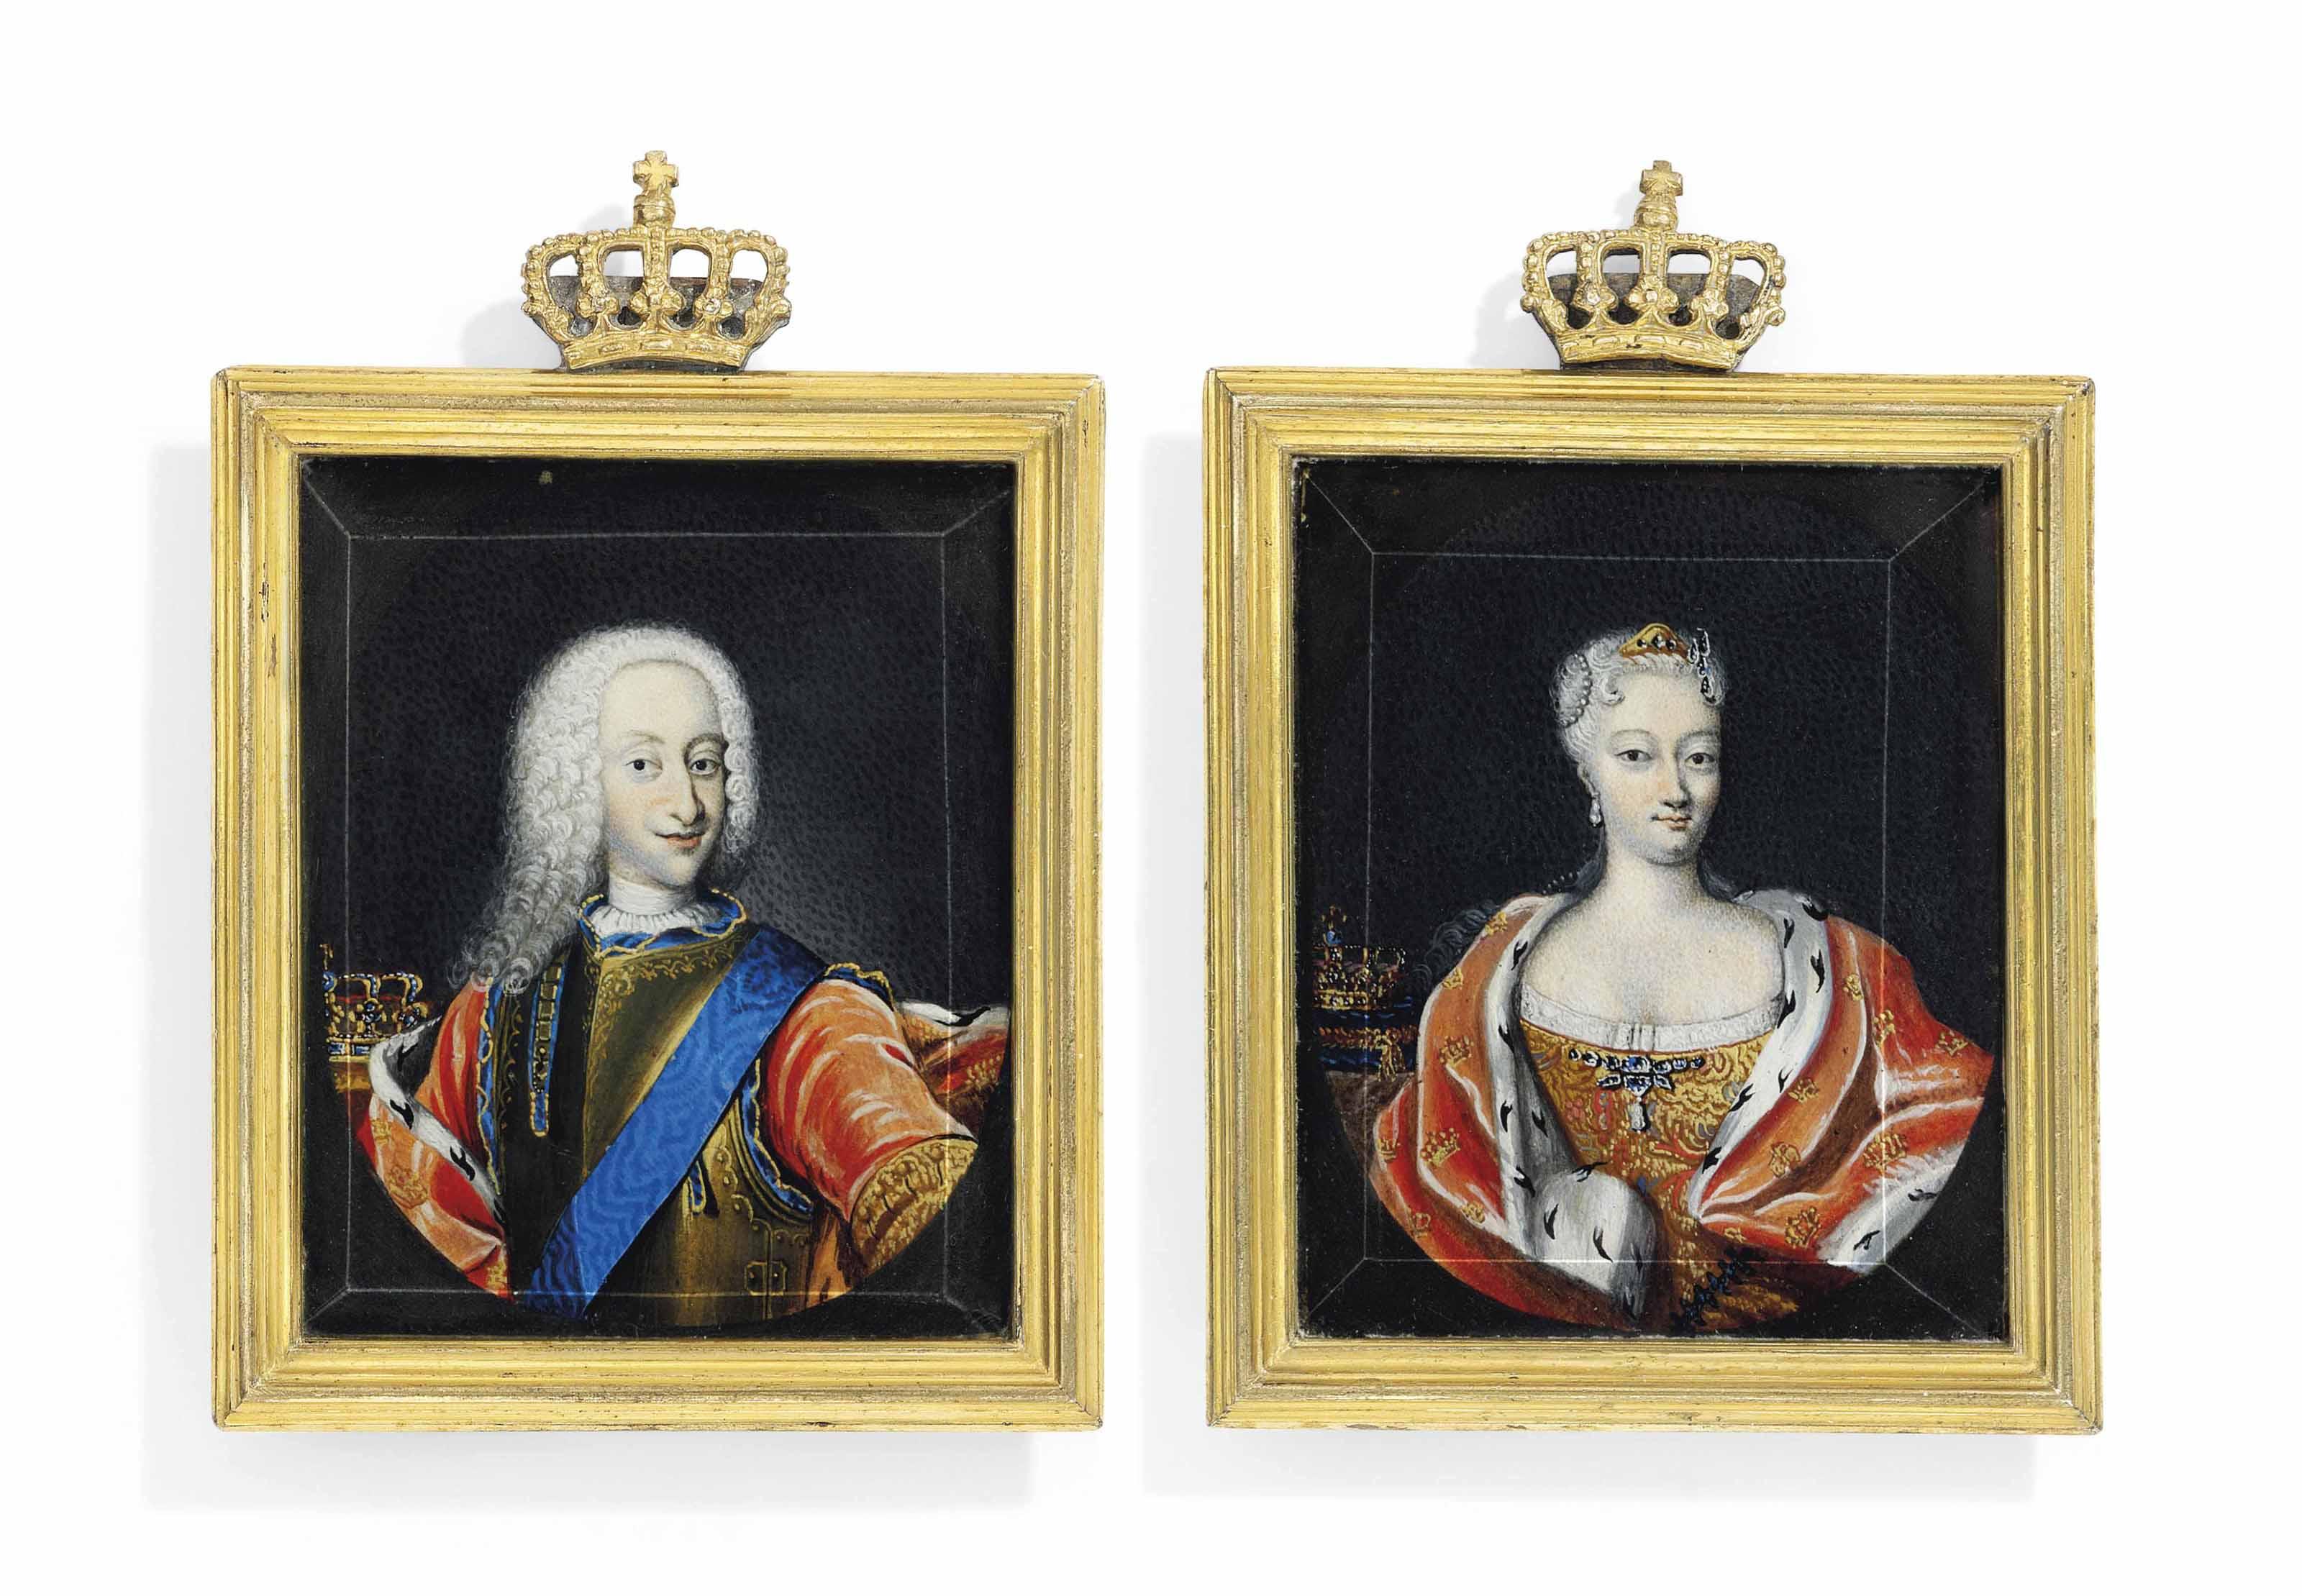 HEINRICH JACOB POHLE OR POHL (DANISH, 1729-1747)